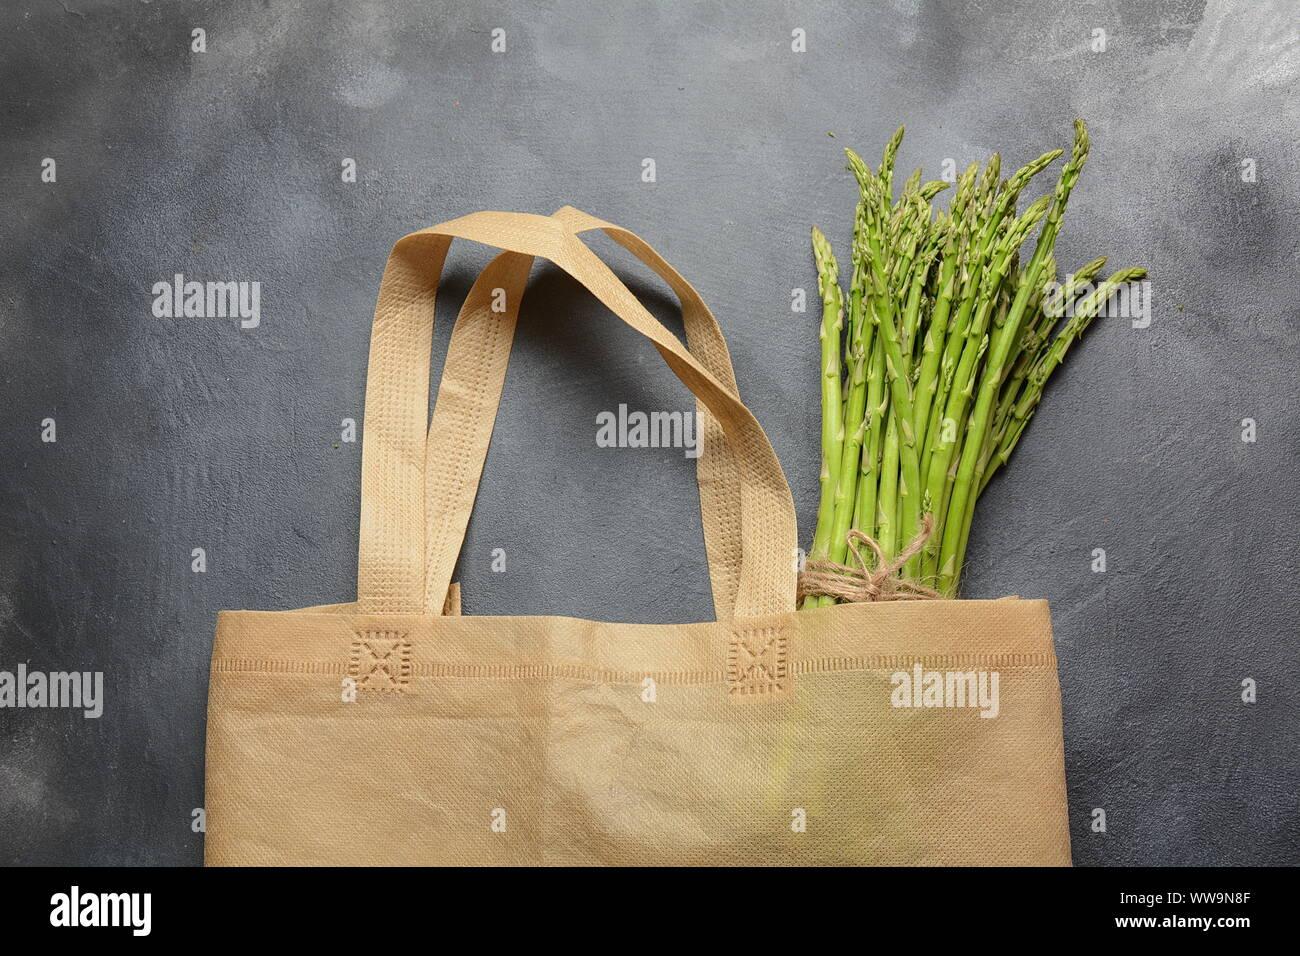 Bolsa de productos textiles reutilizables sin residuos llena de espárragos verdes y perejil Foto de stock